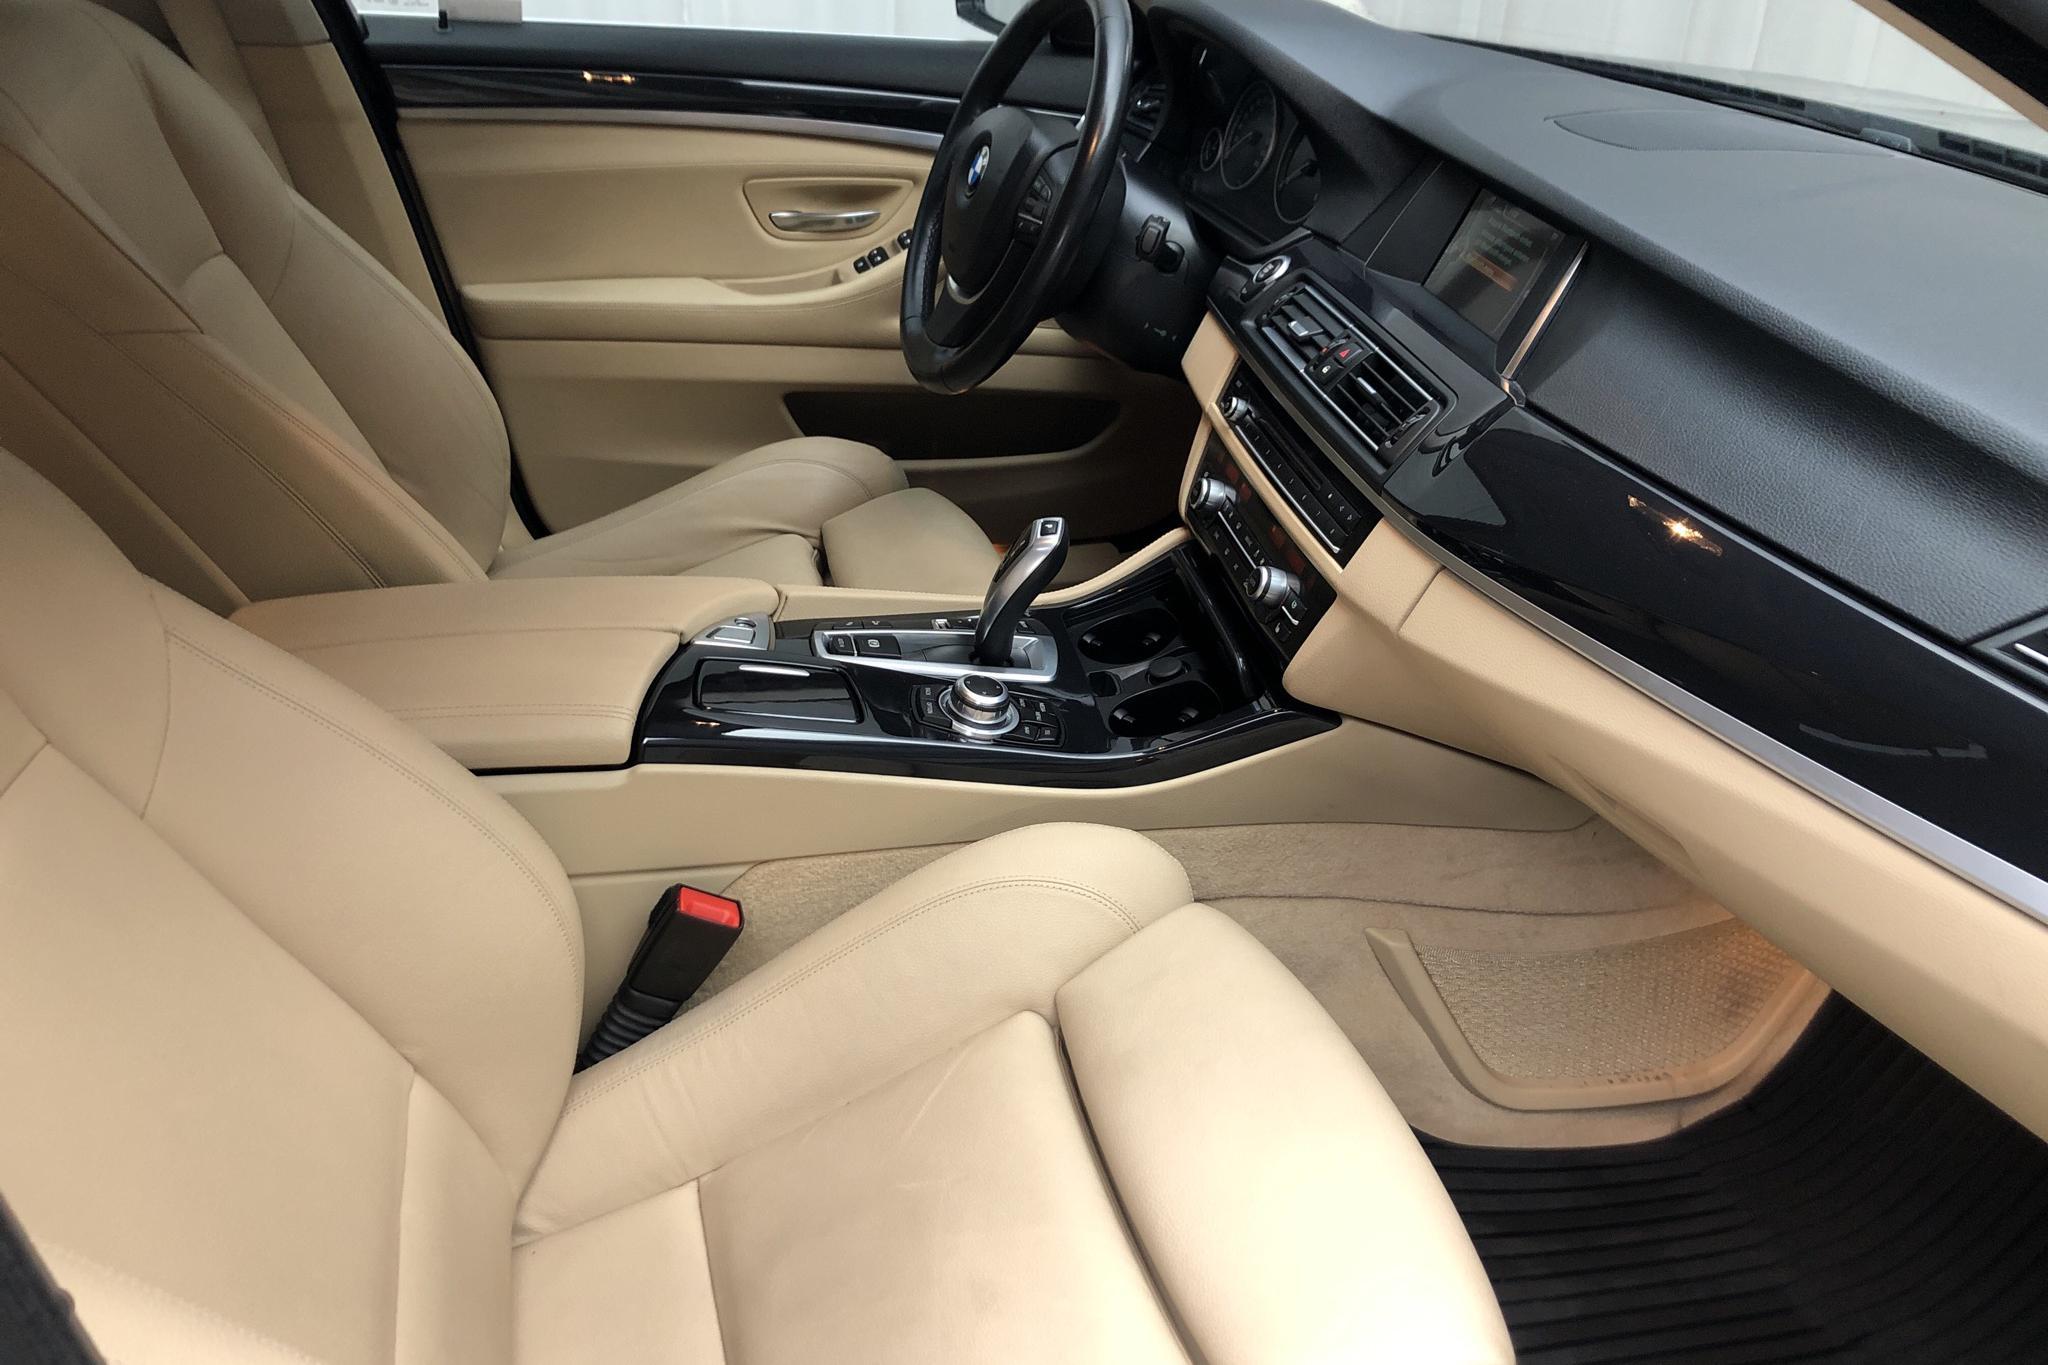 BMW 520d xDrive Touring, F11 (190hk) - 105 120 km - Automatic - black - 2017